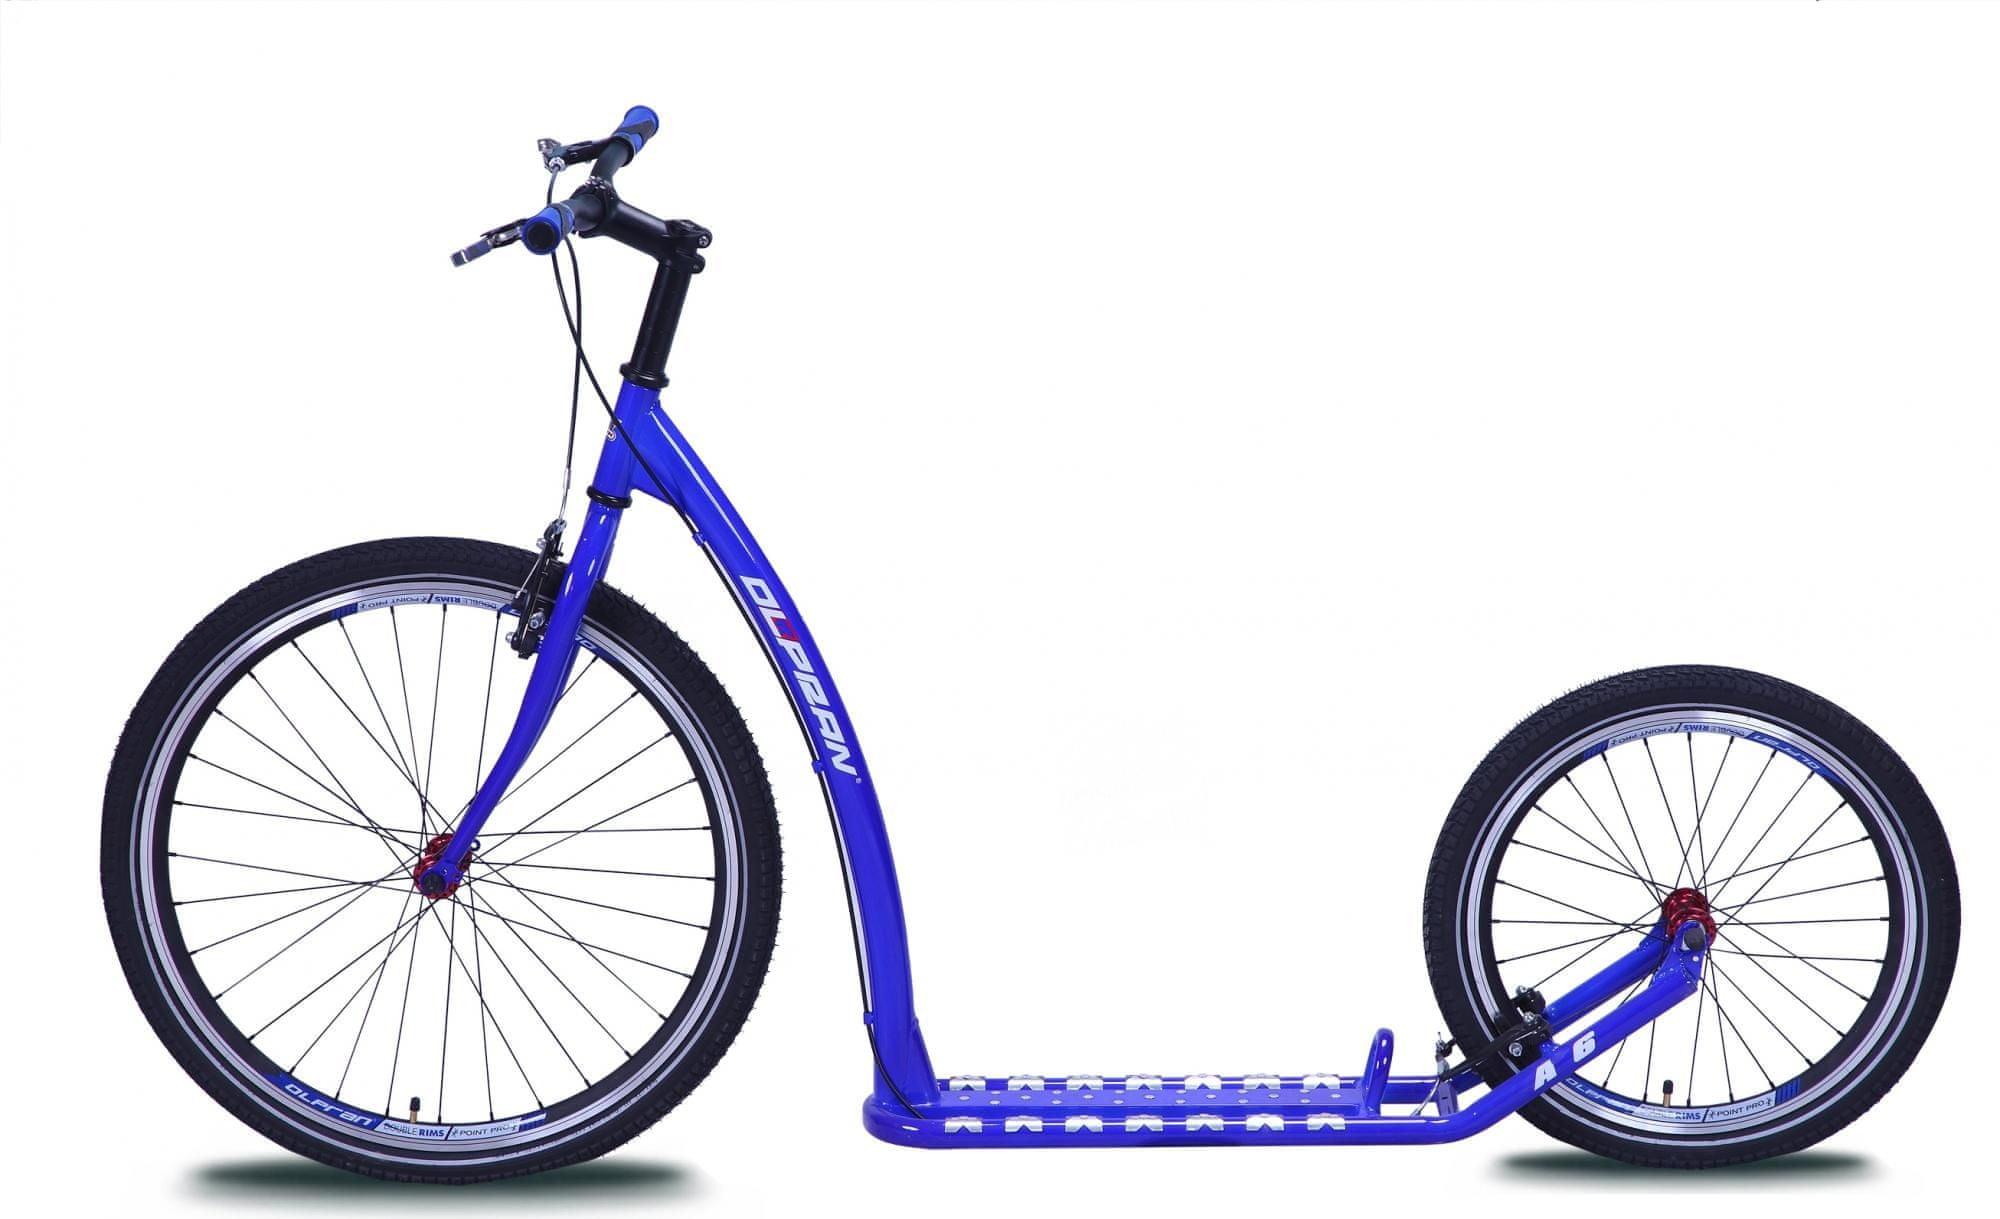 c7db4ac83ea5 A roller jó minőségű krómacélból készült, amely tartós és biztonságos  használatot nyújt. Erős felépítése lehetővé teszi a könnyű mozgást és  ugratást.